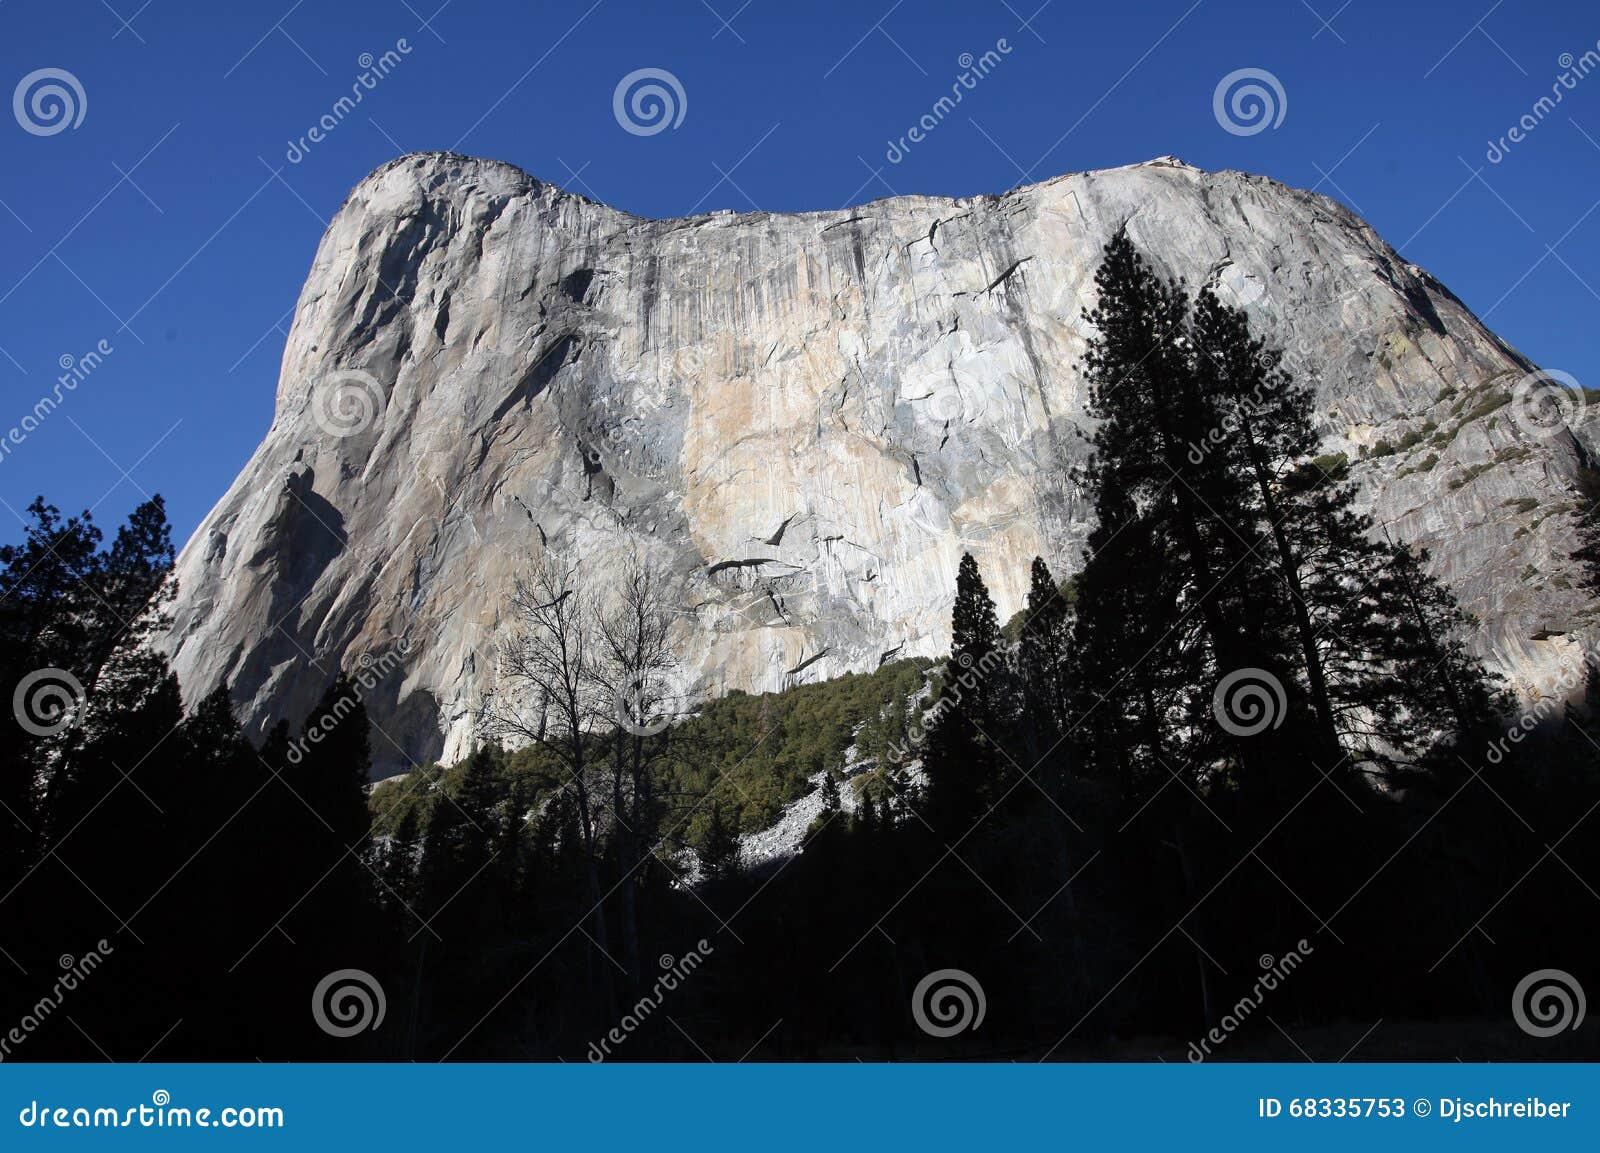 el capitan granite cliff face, yosemite national park stock image